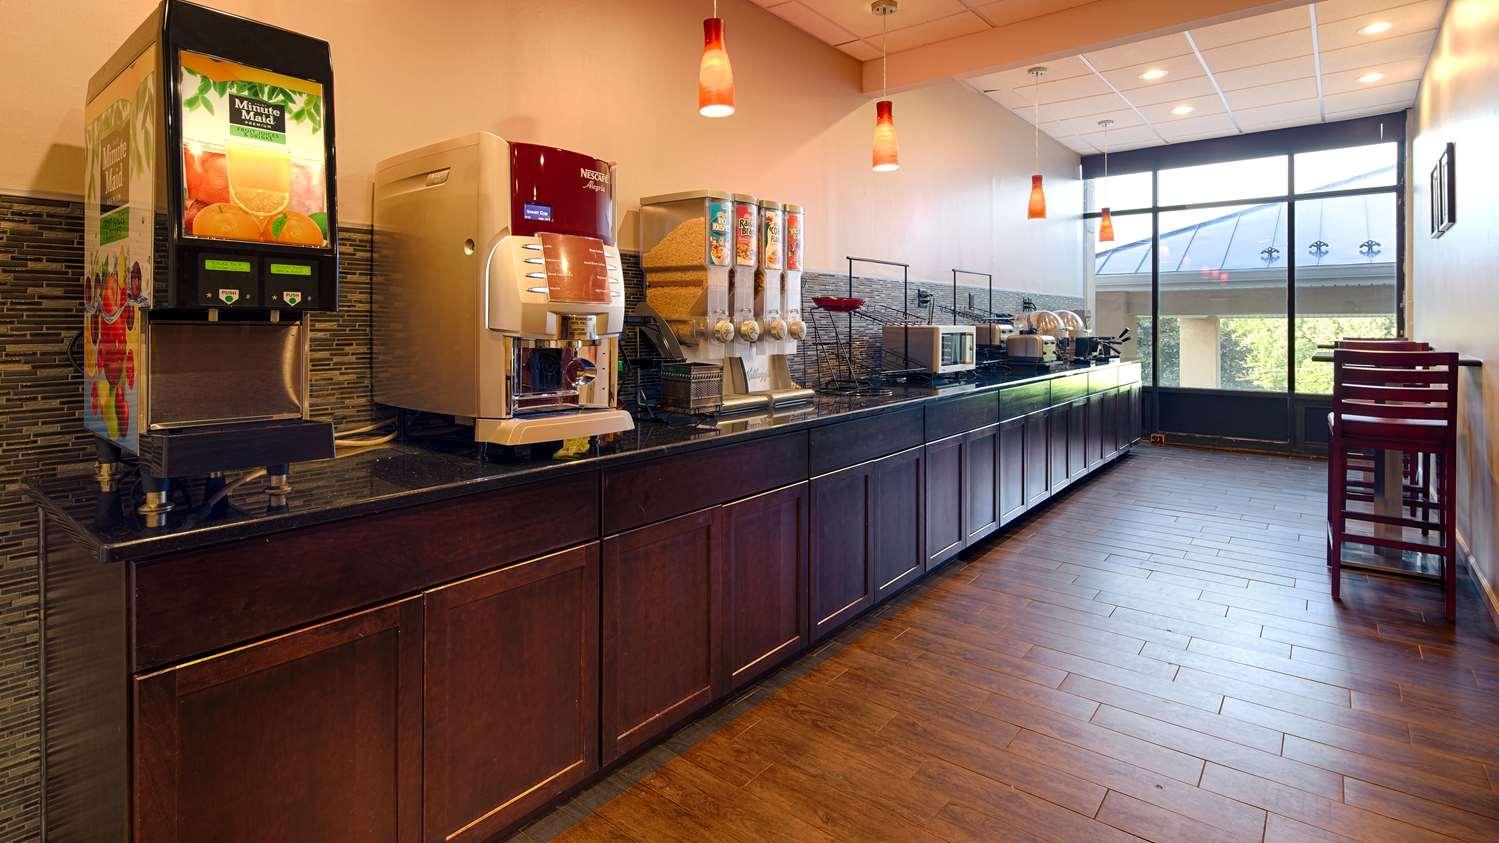 proam - Best Western Plus Poconos Hotel Tannersville